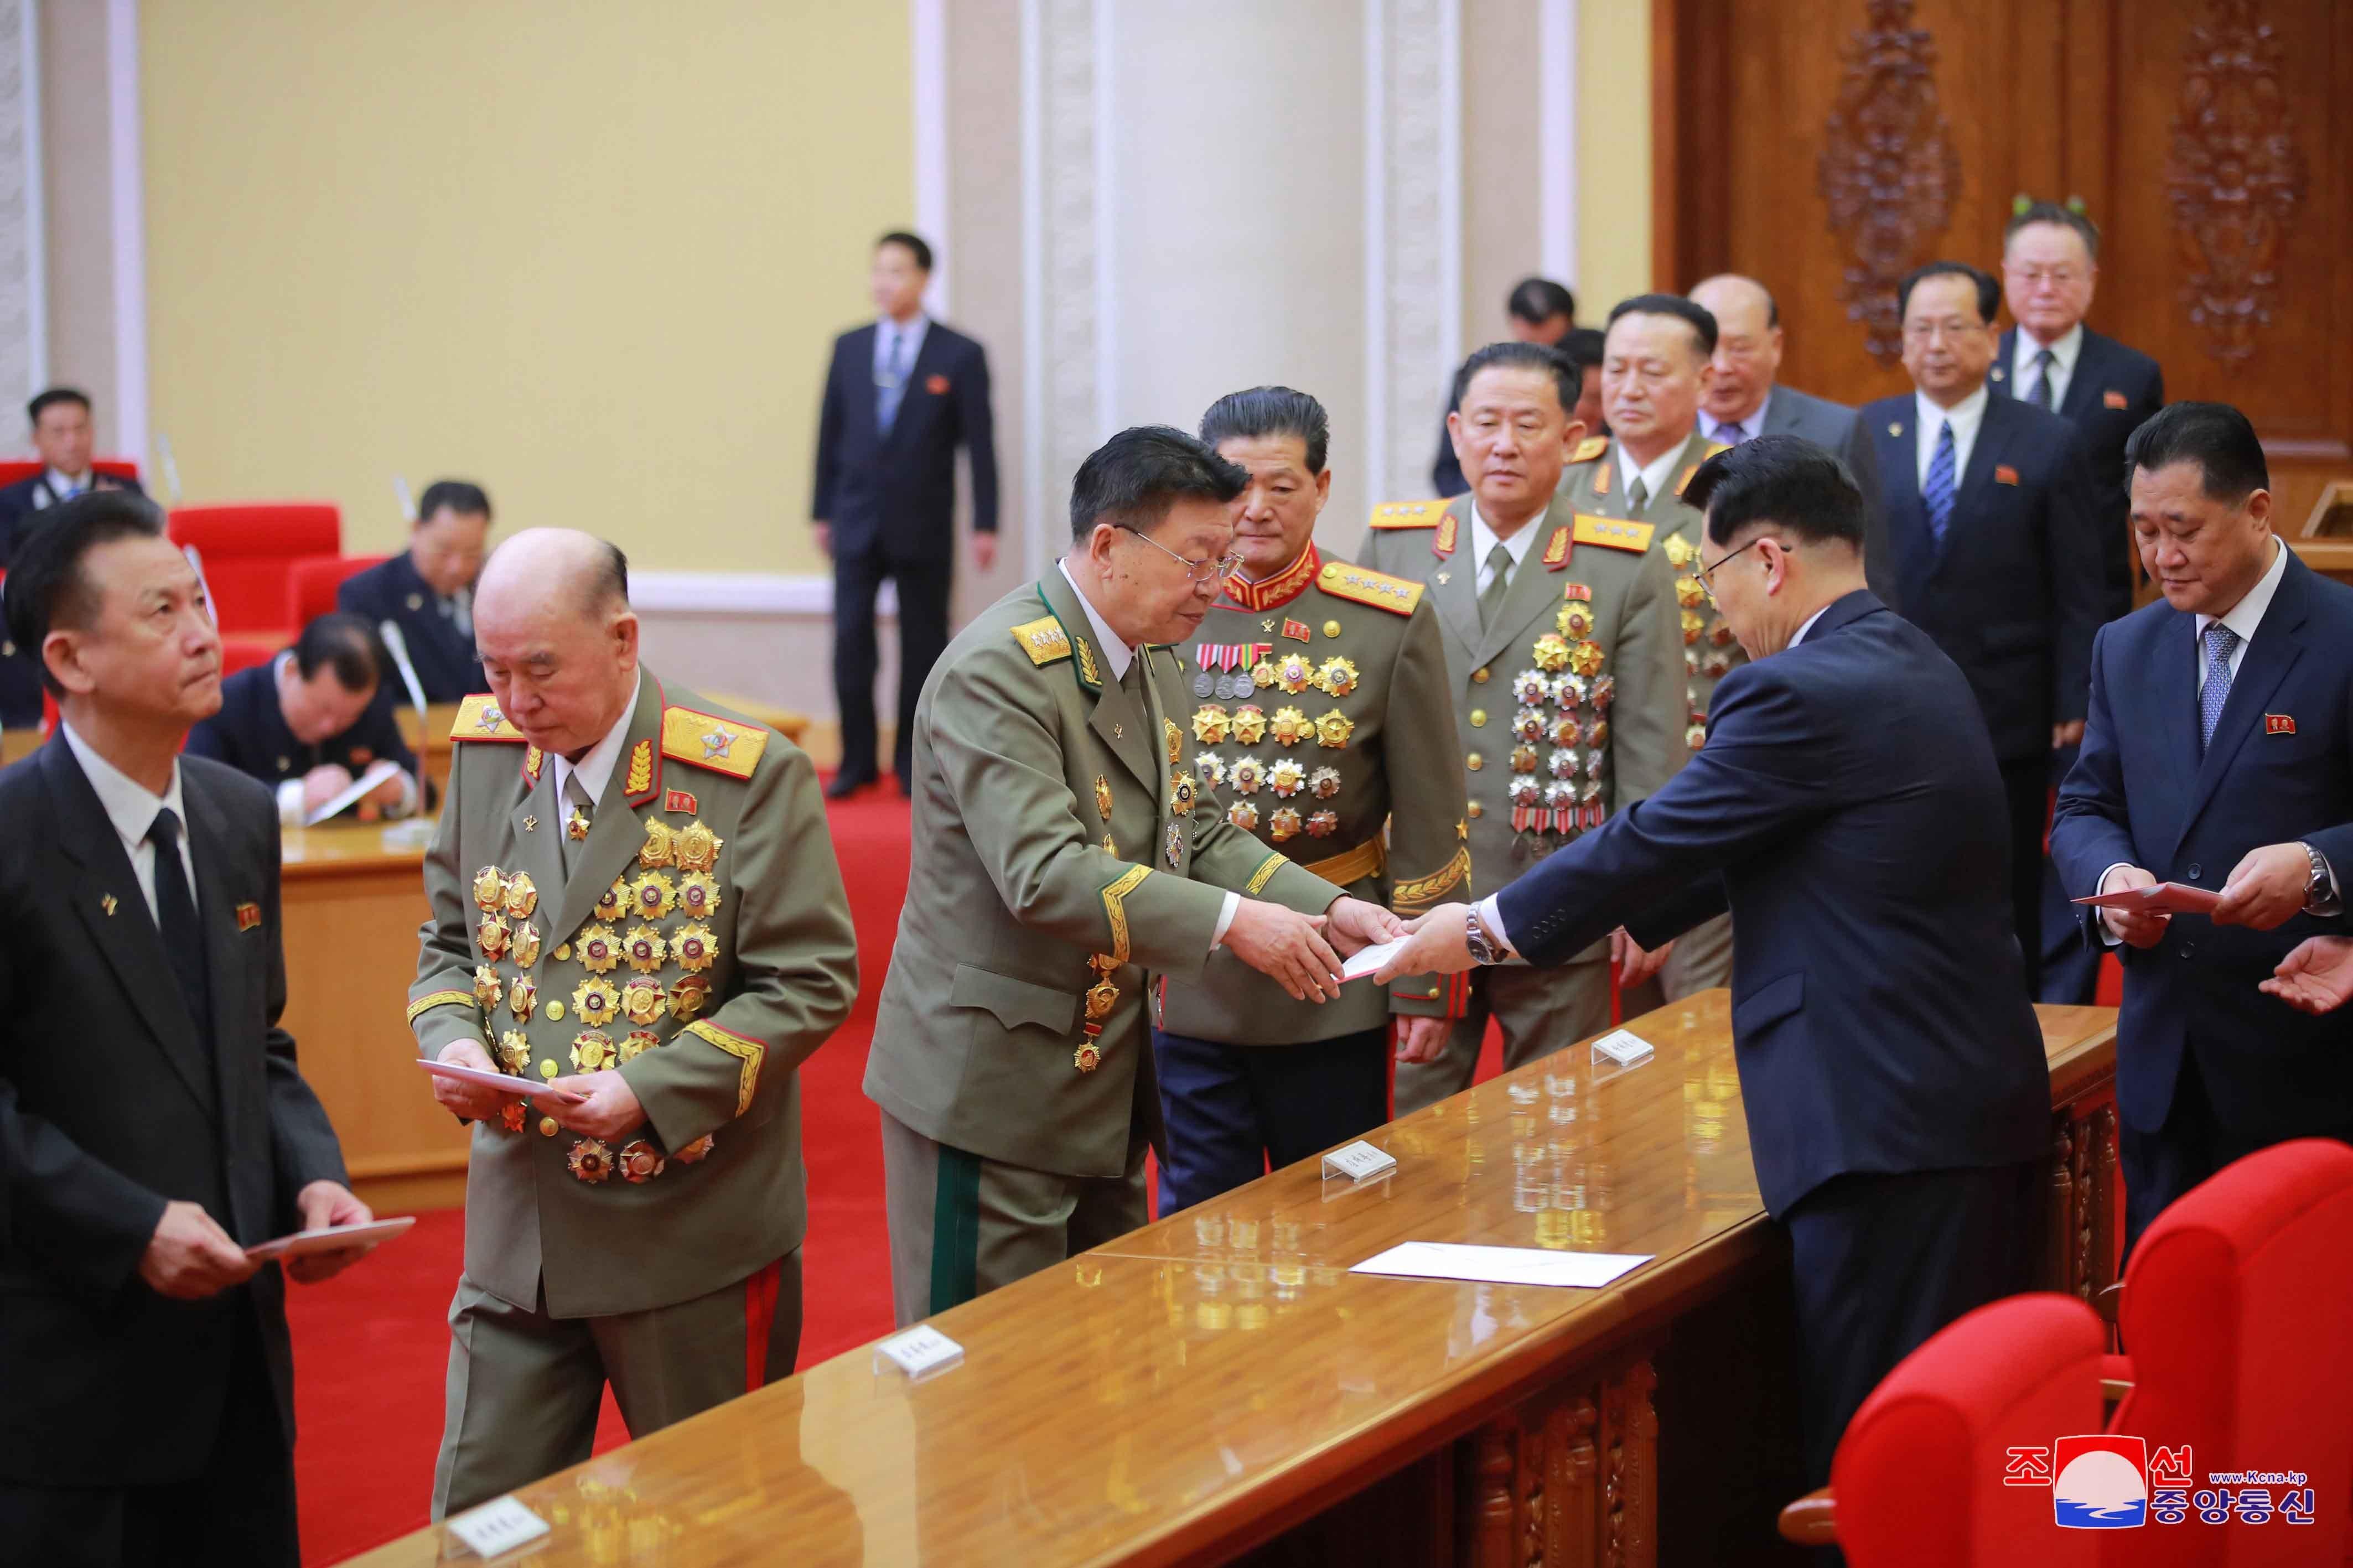 ▲▼北韓勞動黨副委員長金才龍授予各級黨代表第8次全代會代表證。(圖/達志影像)